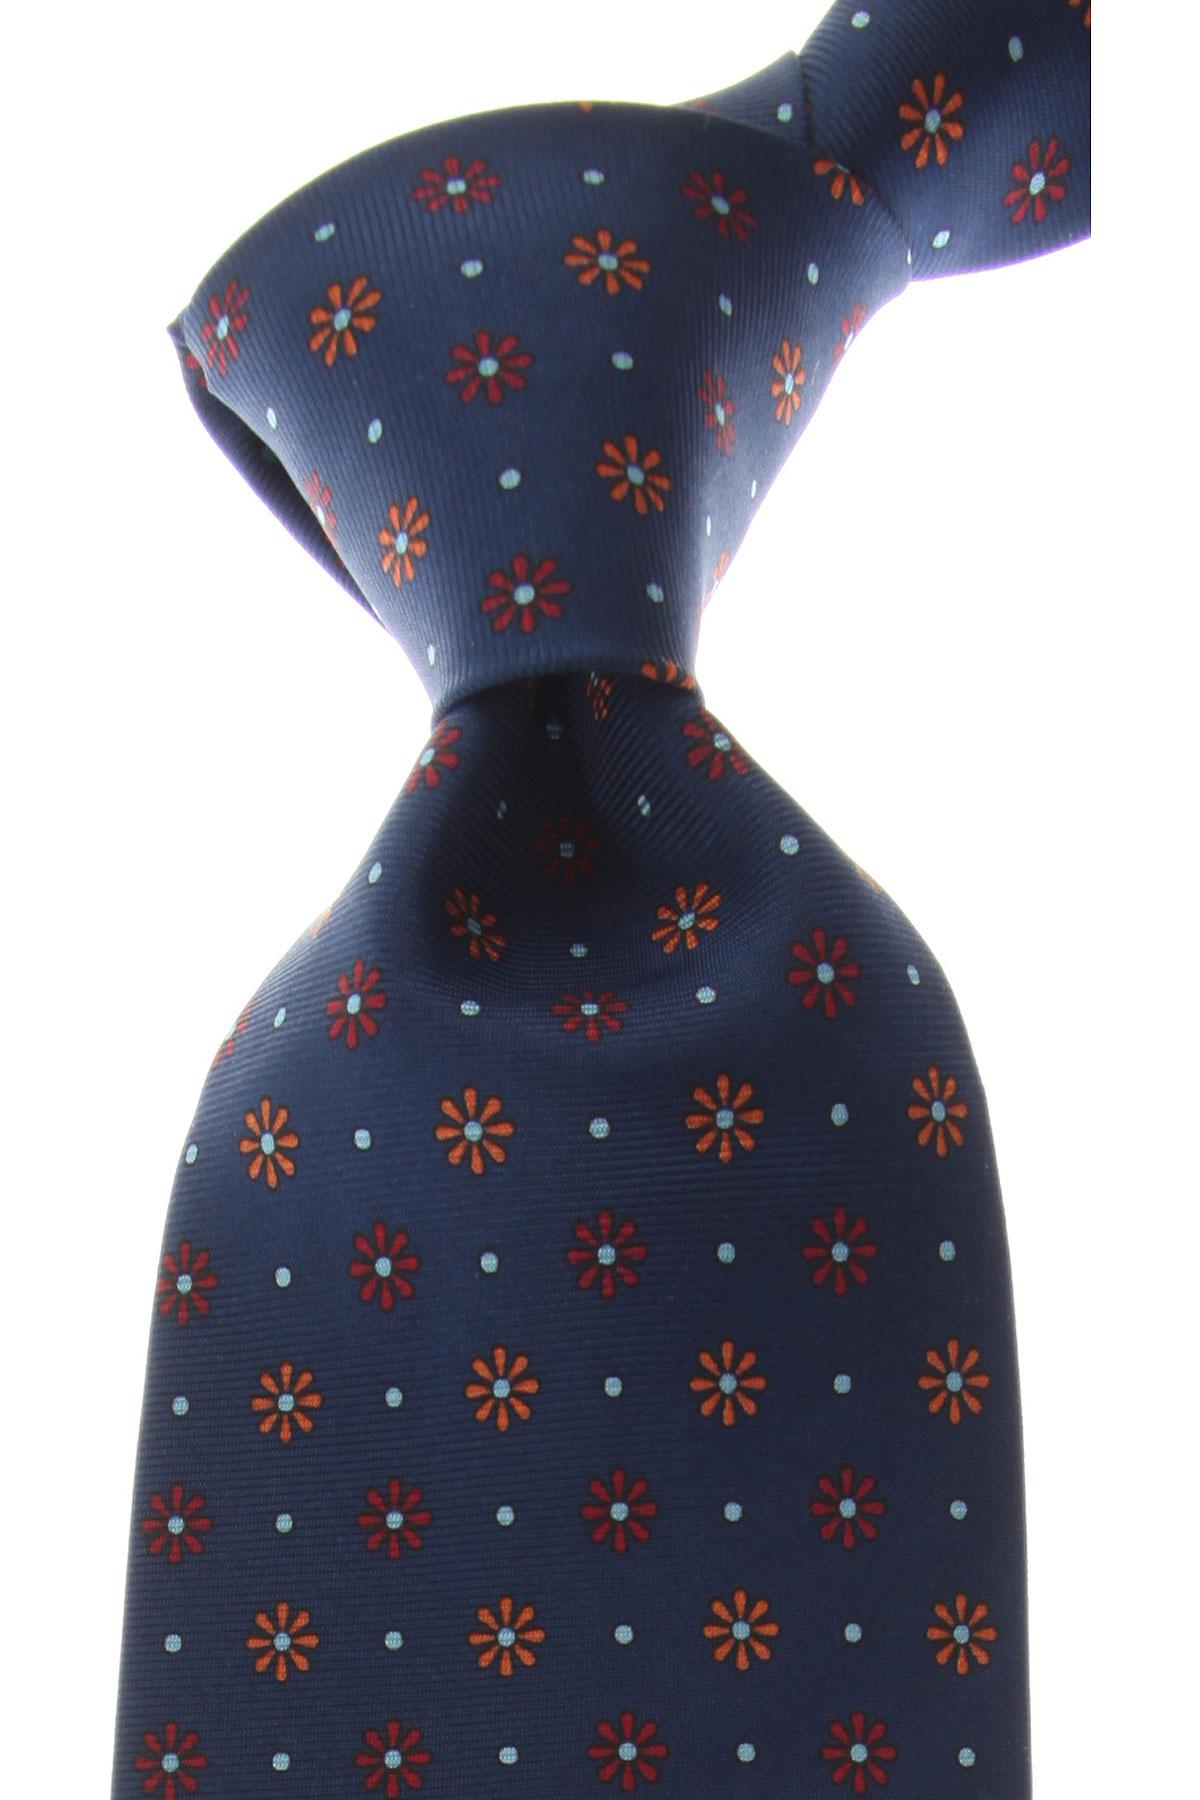 Marinella Cravates Pas cher en Soldes, Bleu Royal, Soie, 2019